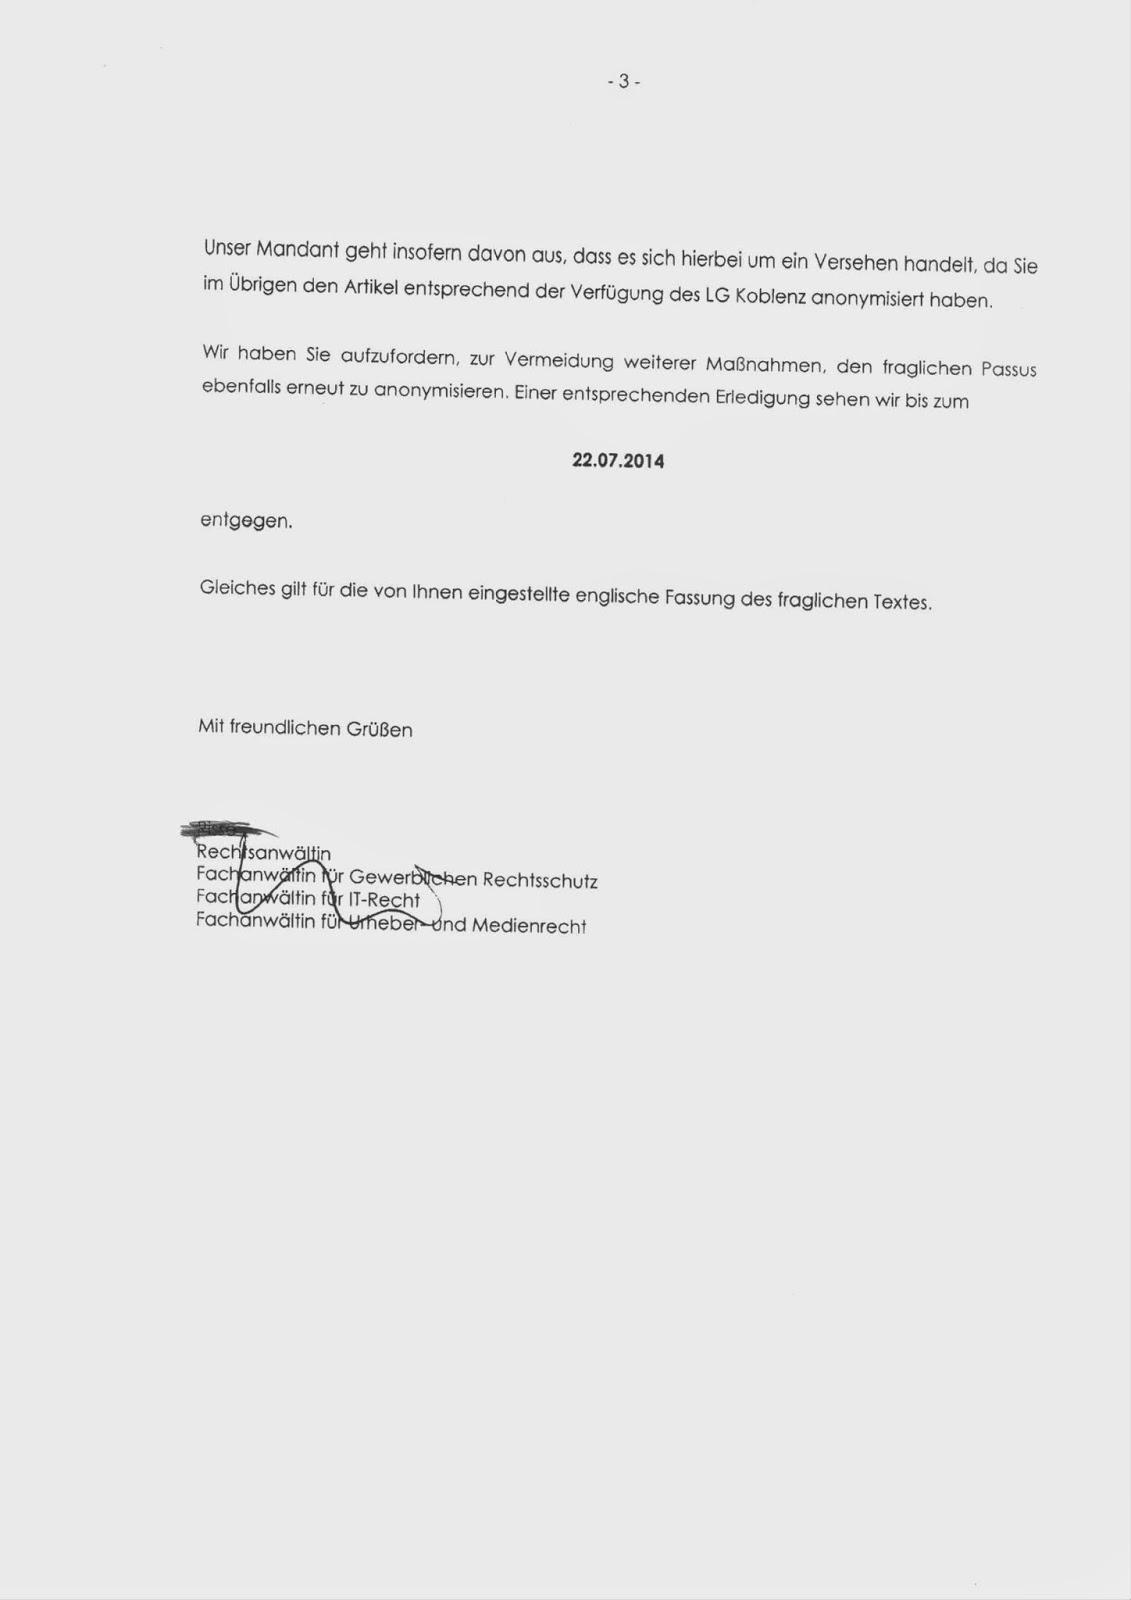 anwaltliche AOK-Gesundheitsklassenvertreter fordern armseligen ...